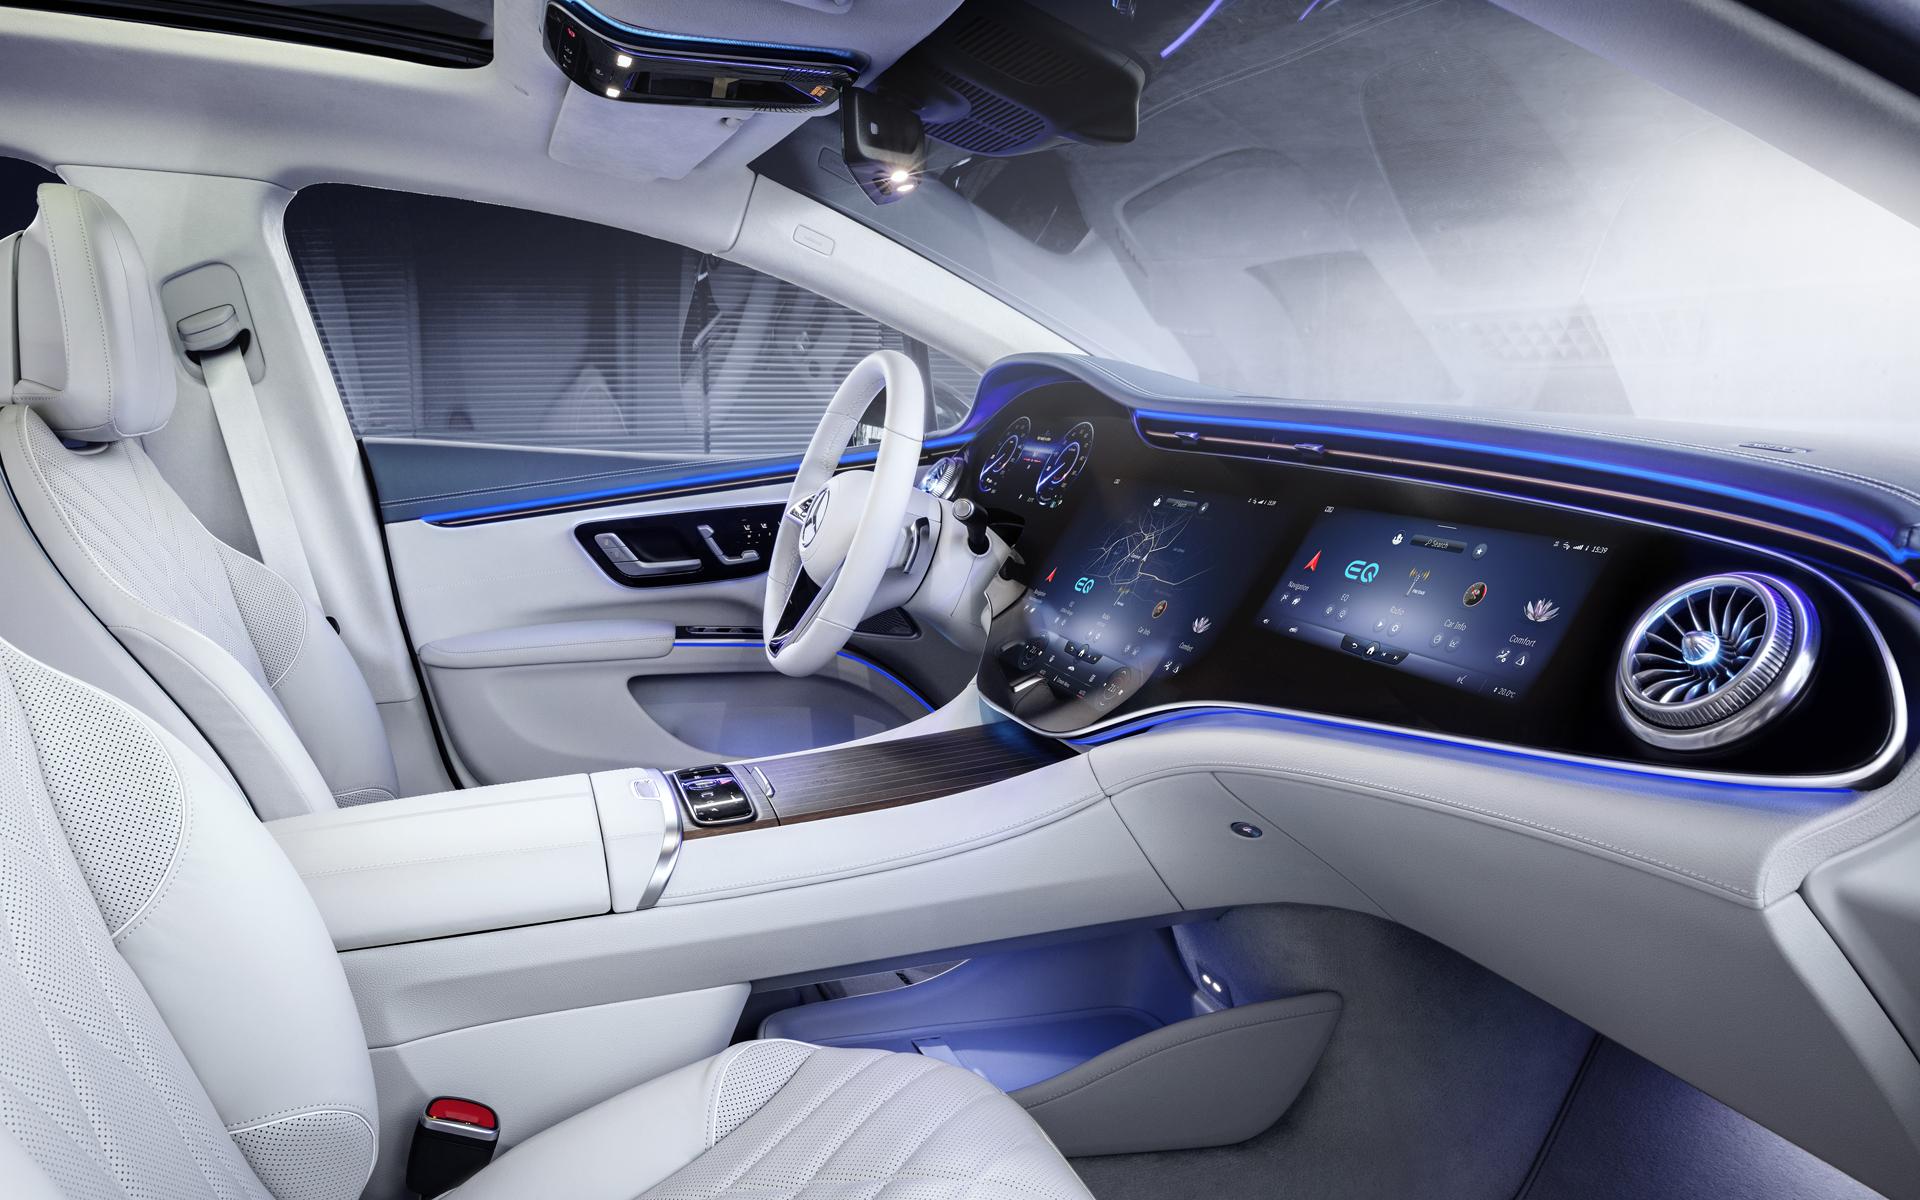 Mercedes-EQ EQS, Interieuraufnahme mit dem MBUX Hyperscreen aus dem Jahr 2020. Das Autoradio ist Teil des multimedialen, individualisierbaren und lernfähigen Infotainmentsystems.